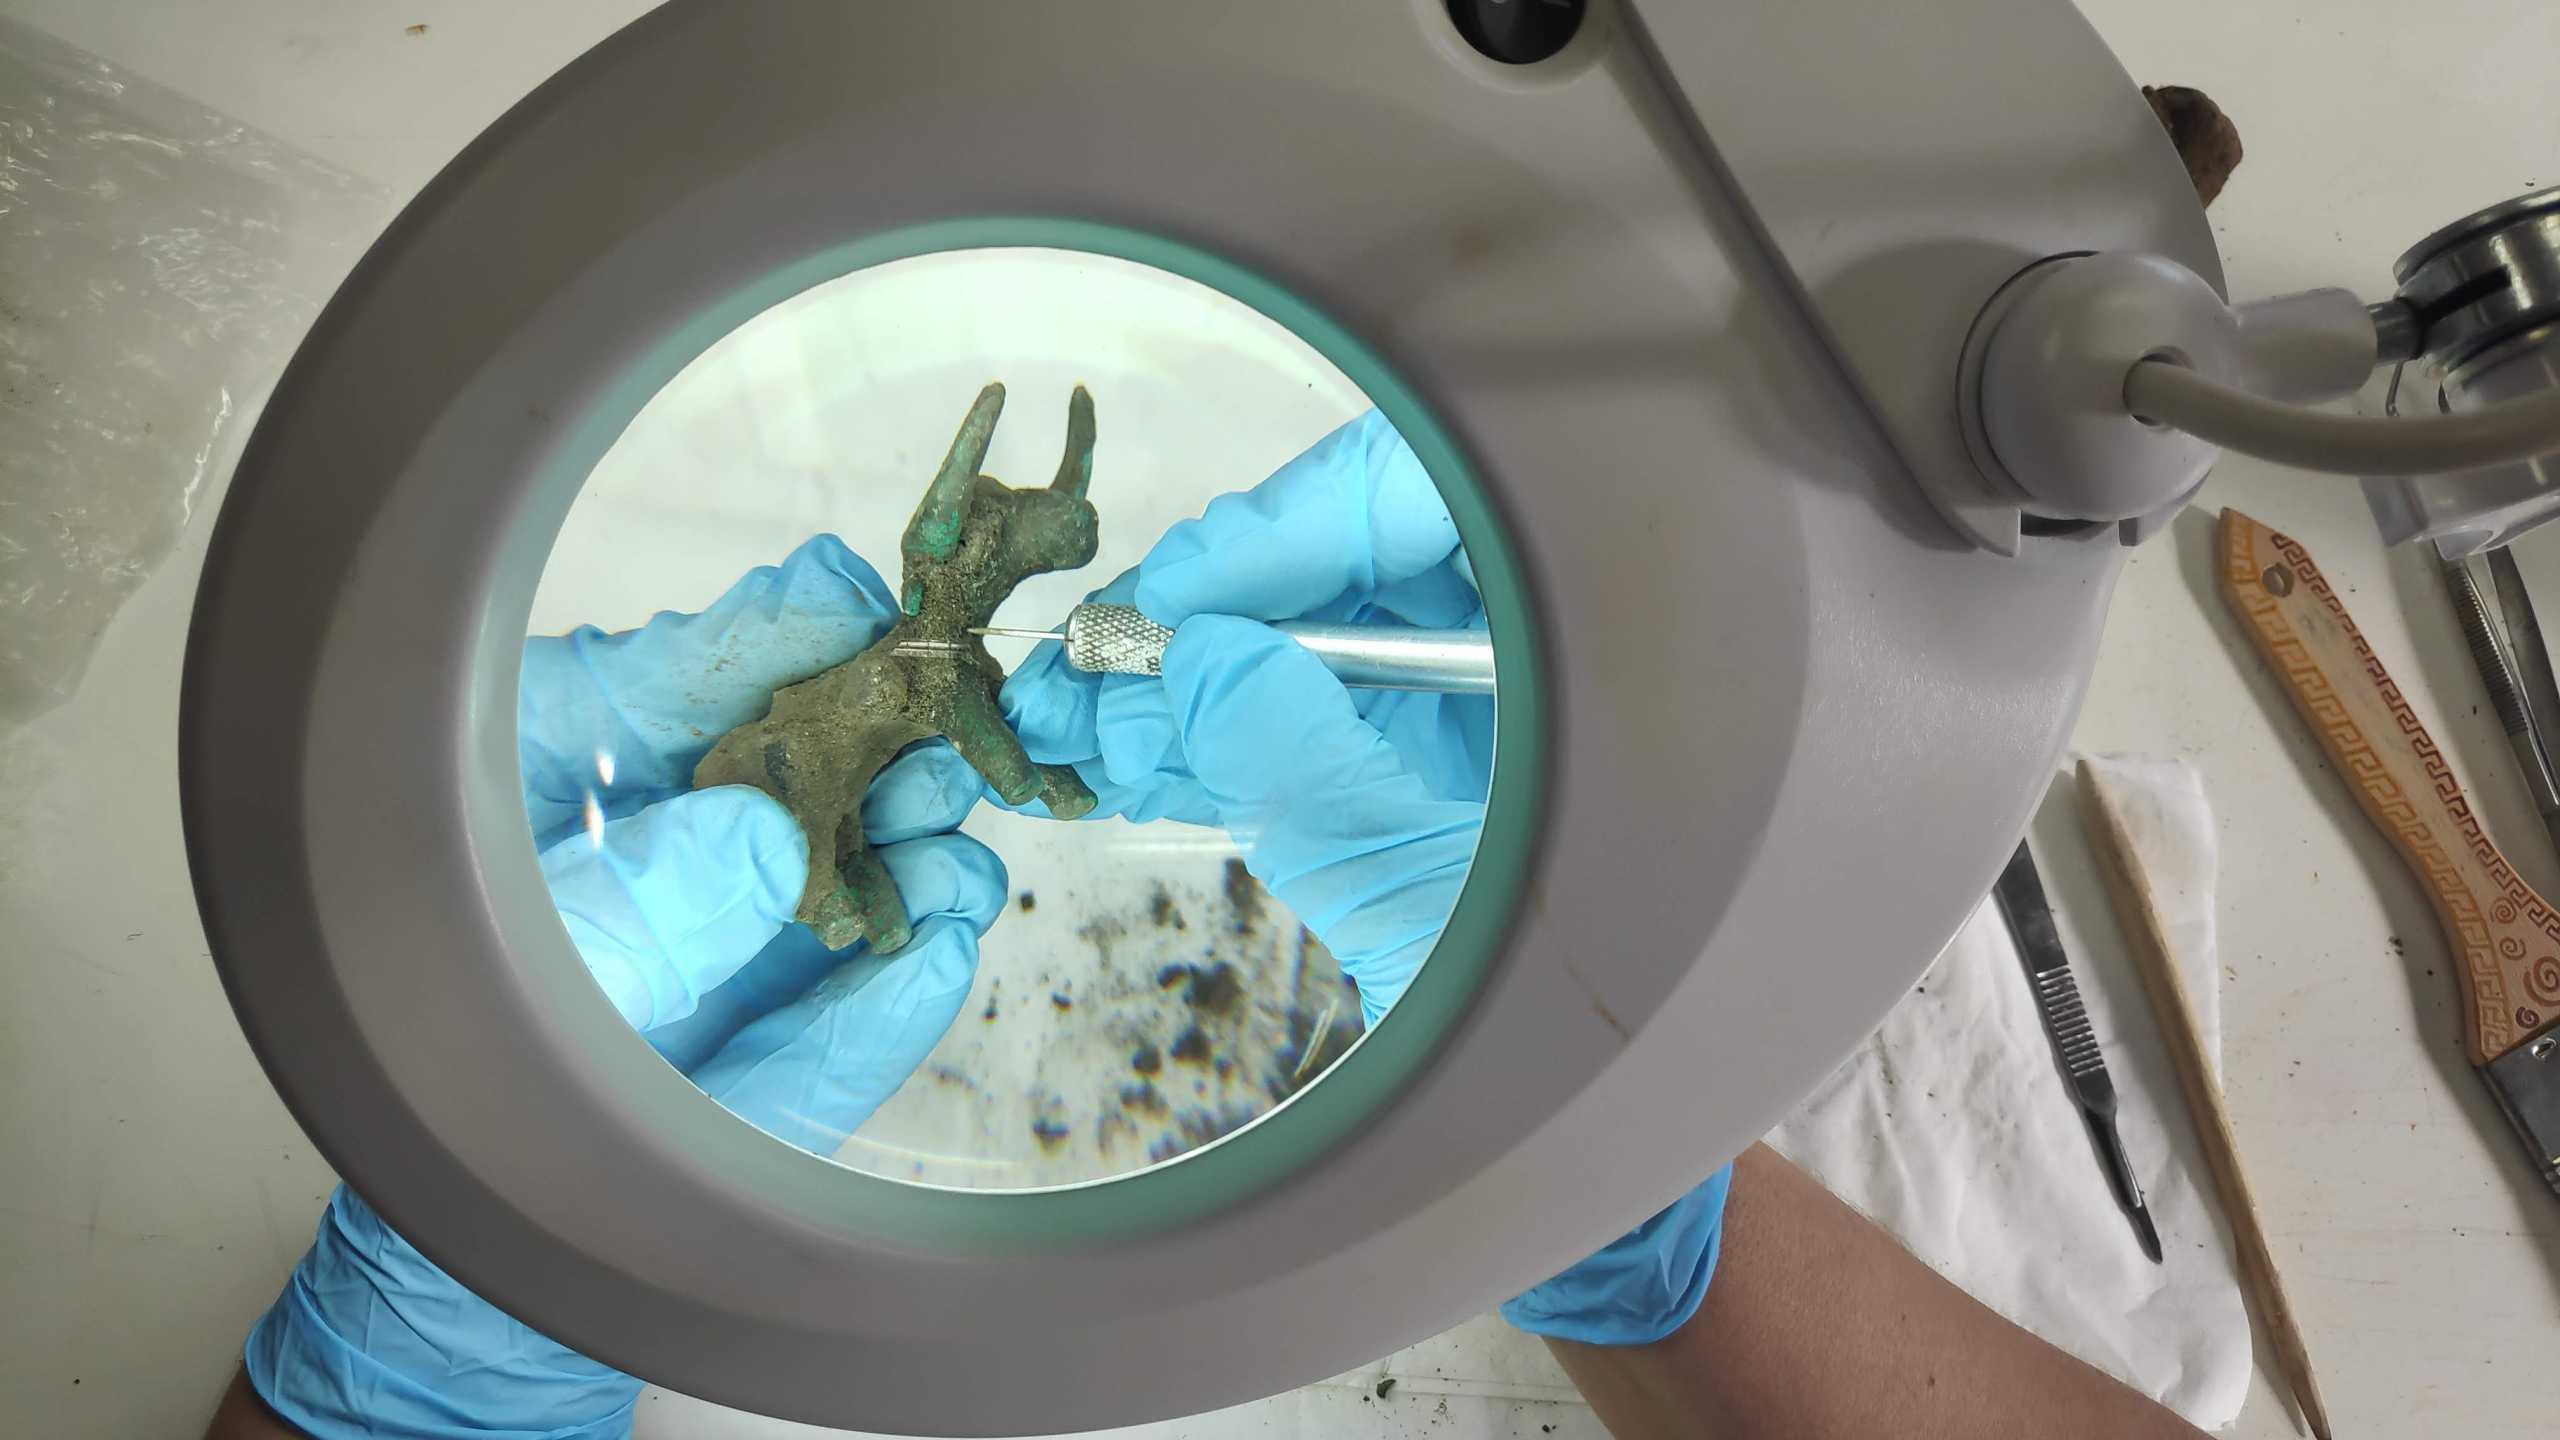 Αρχαία Ολυμπία: Αυτός είναι ο εκπληκτικός χάλκινος ταύρος που αφιερώθηκε στον θεό Δία